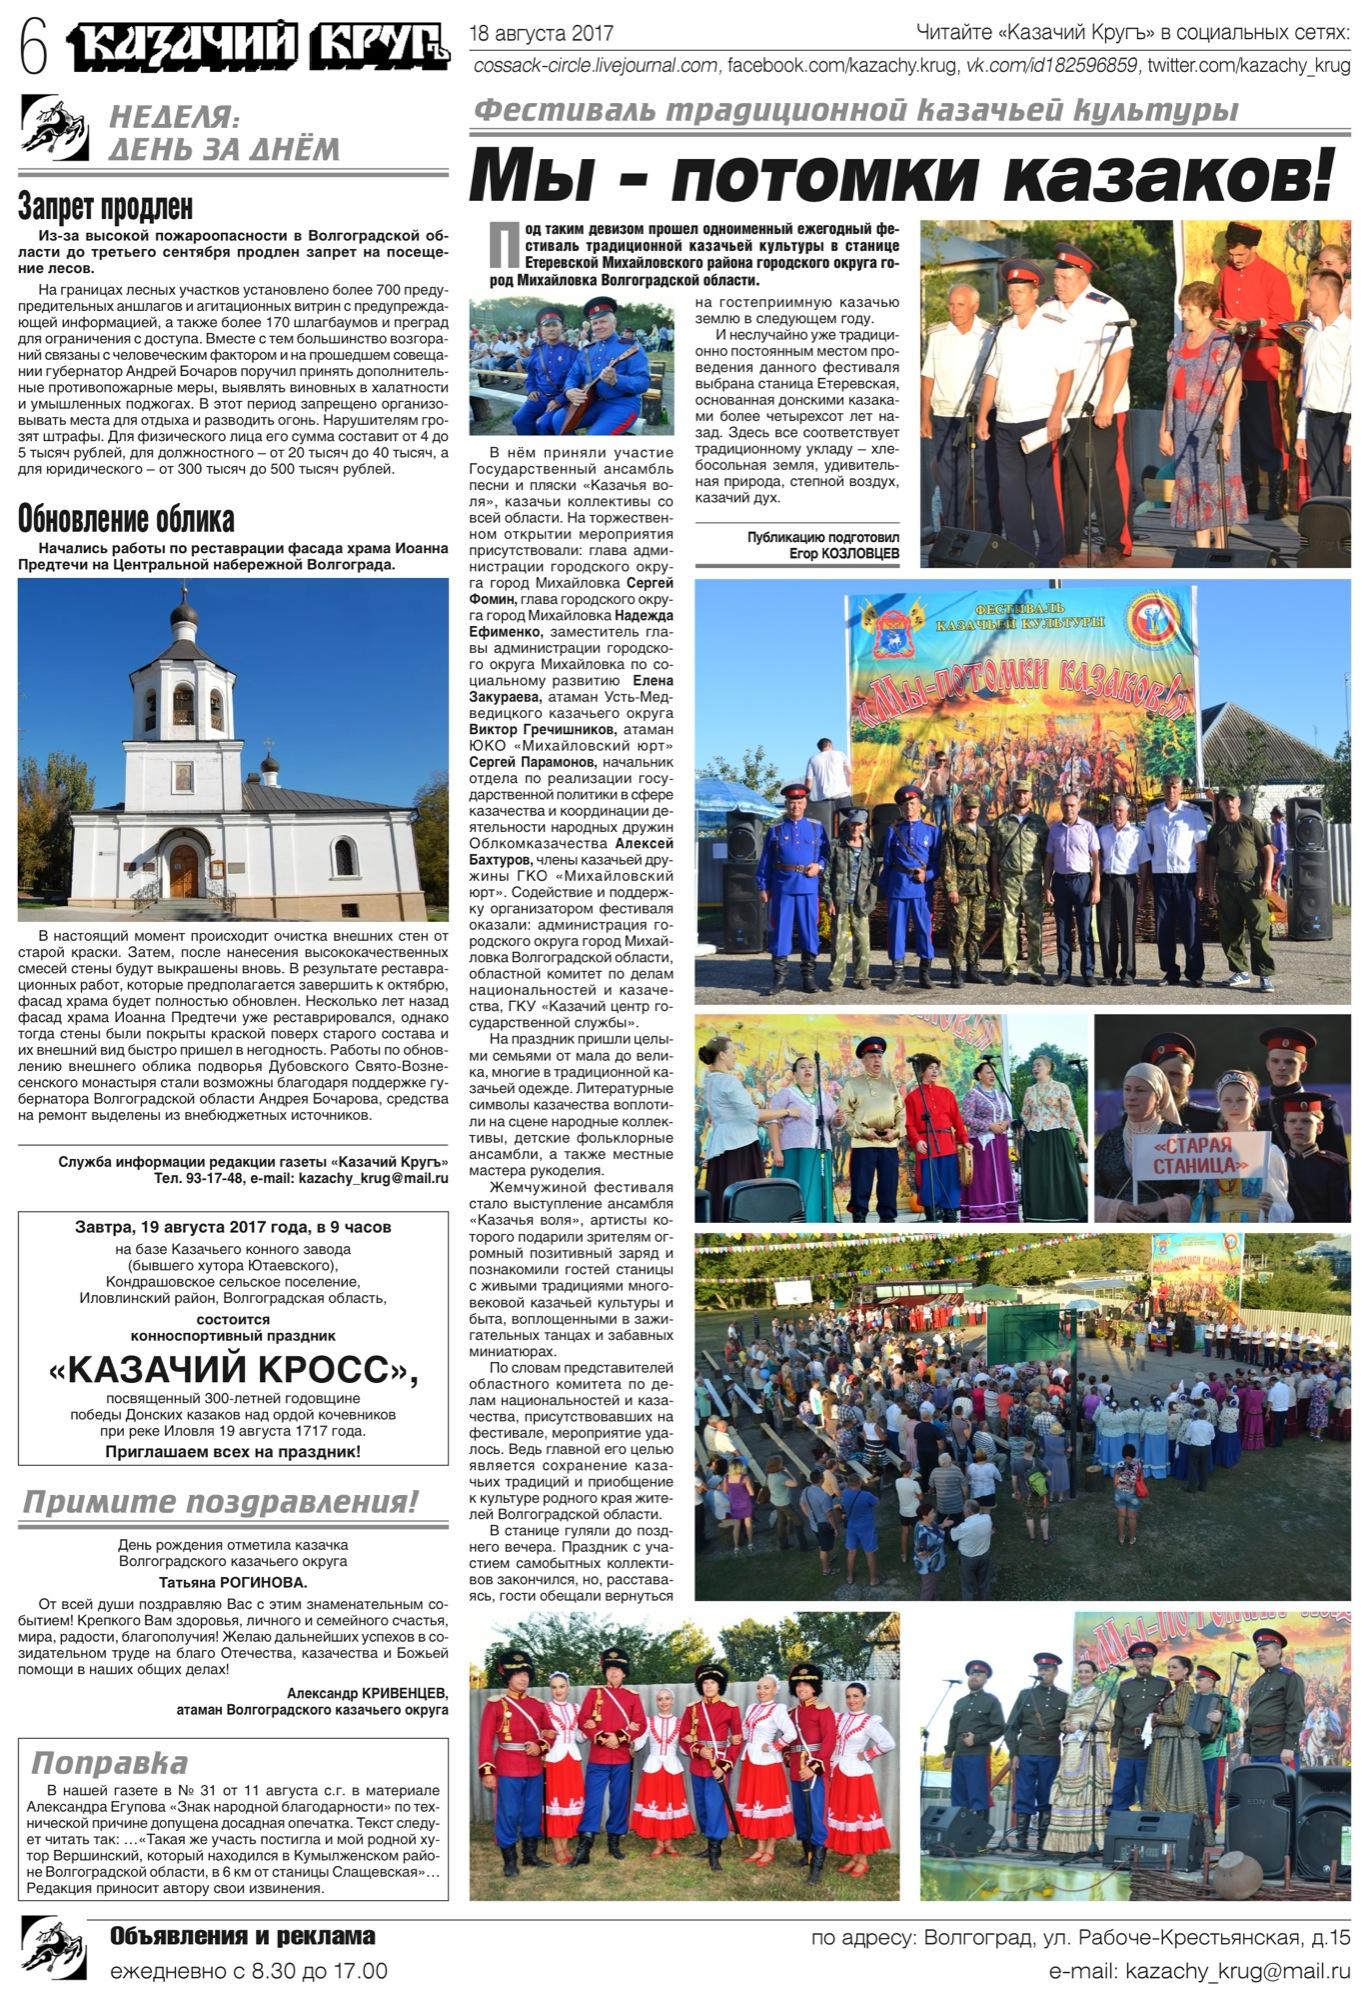 Официальное поздравление с Днем города, района, деревни, села в прозе 73